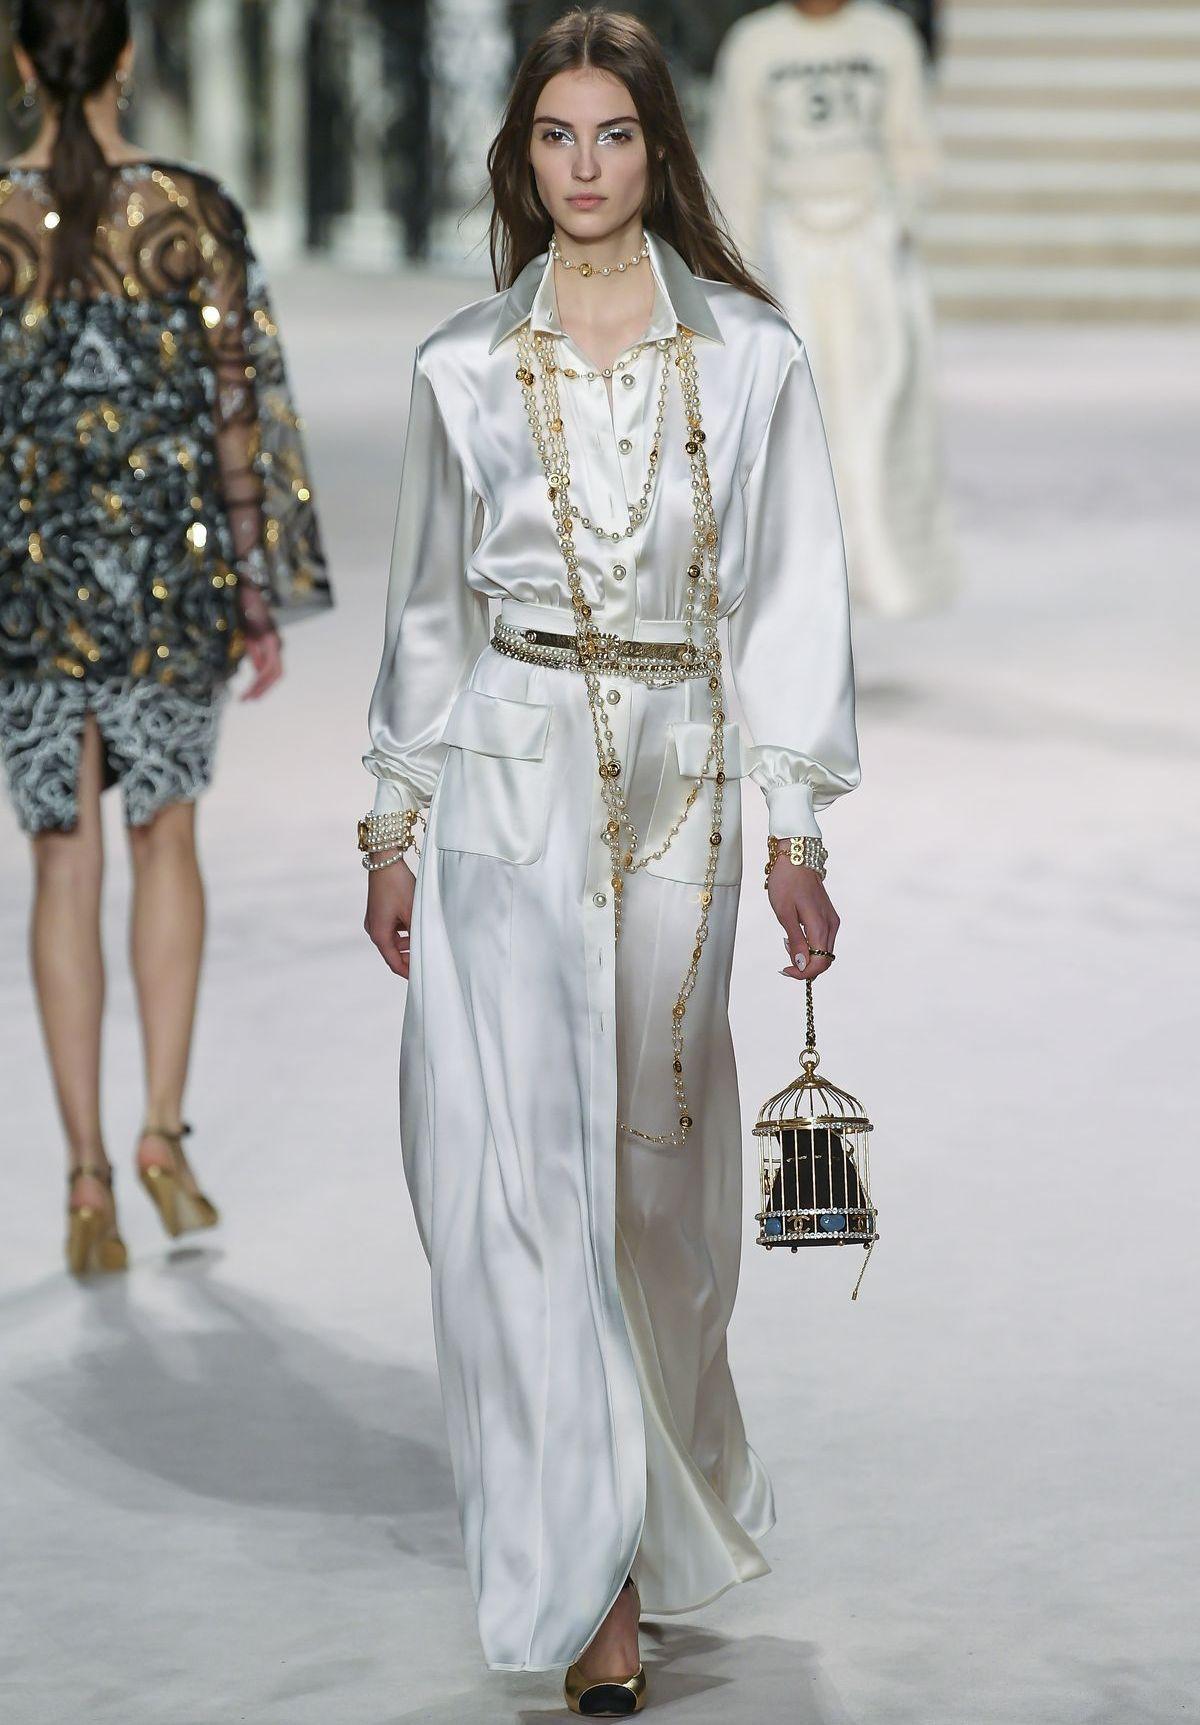 Mode-Bilder online kaufen